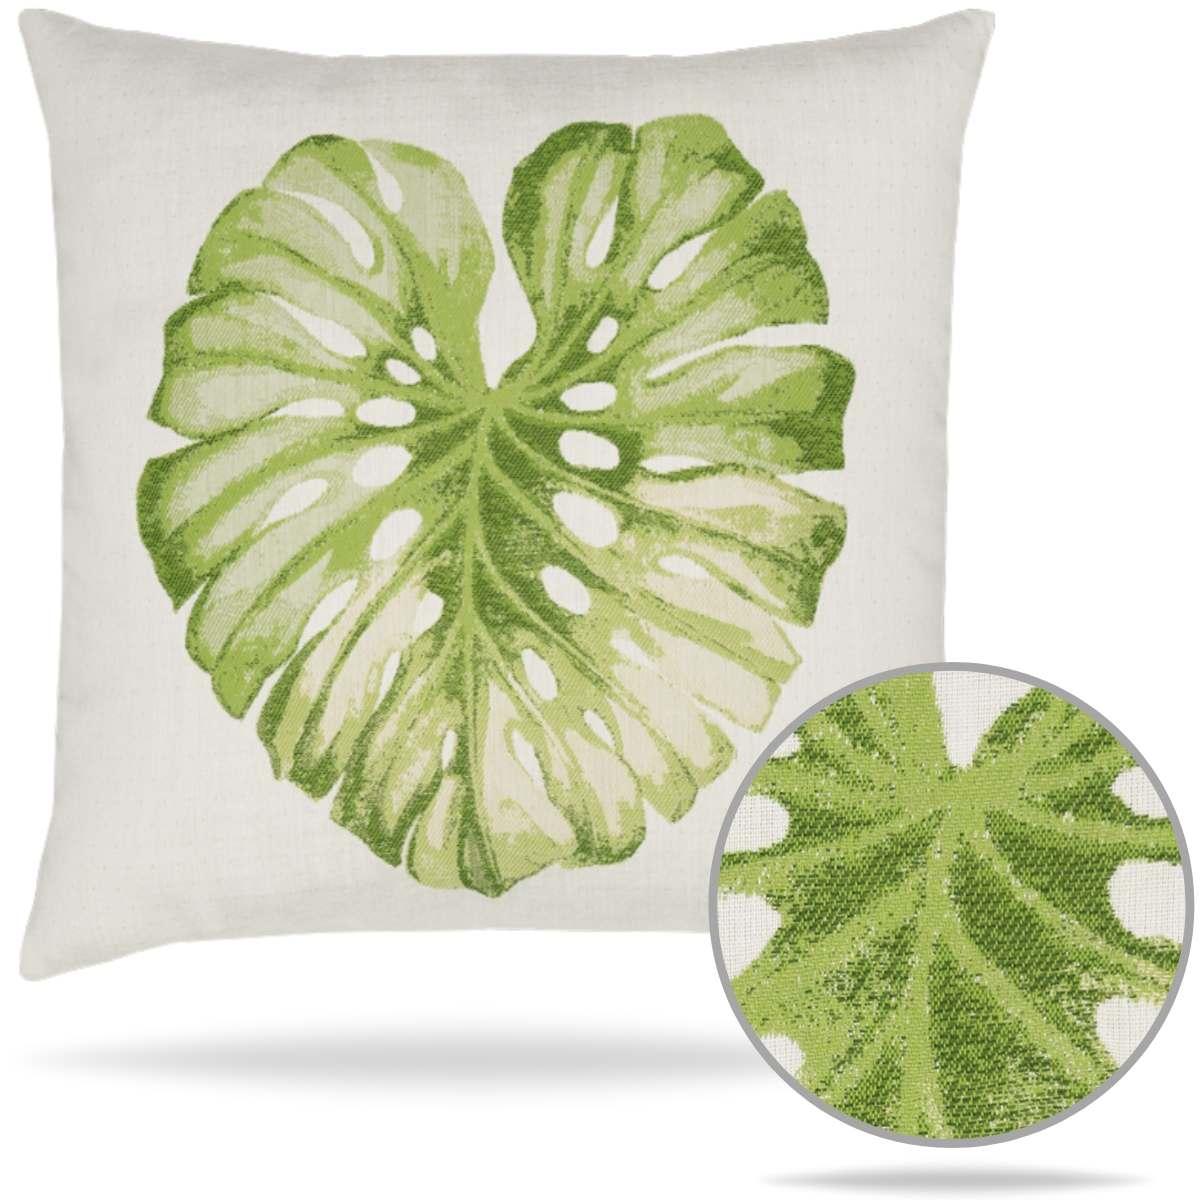 11k1-elaine-smith-lichen-green-pillow